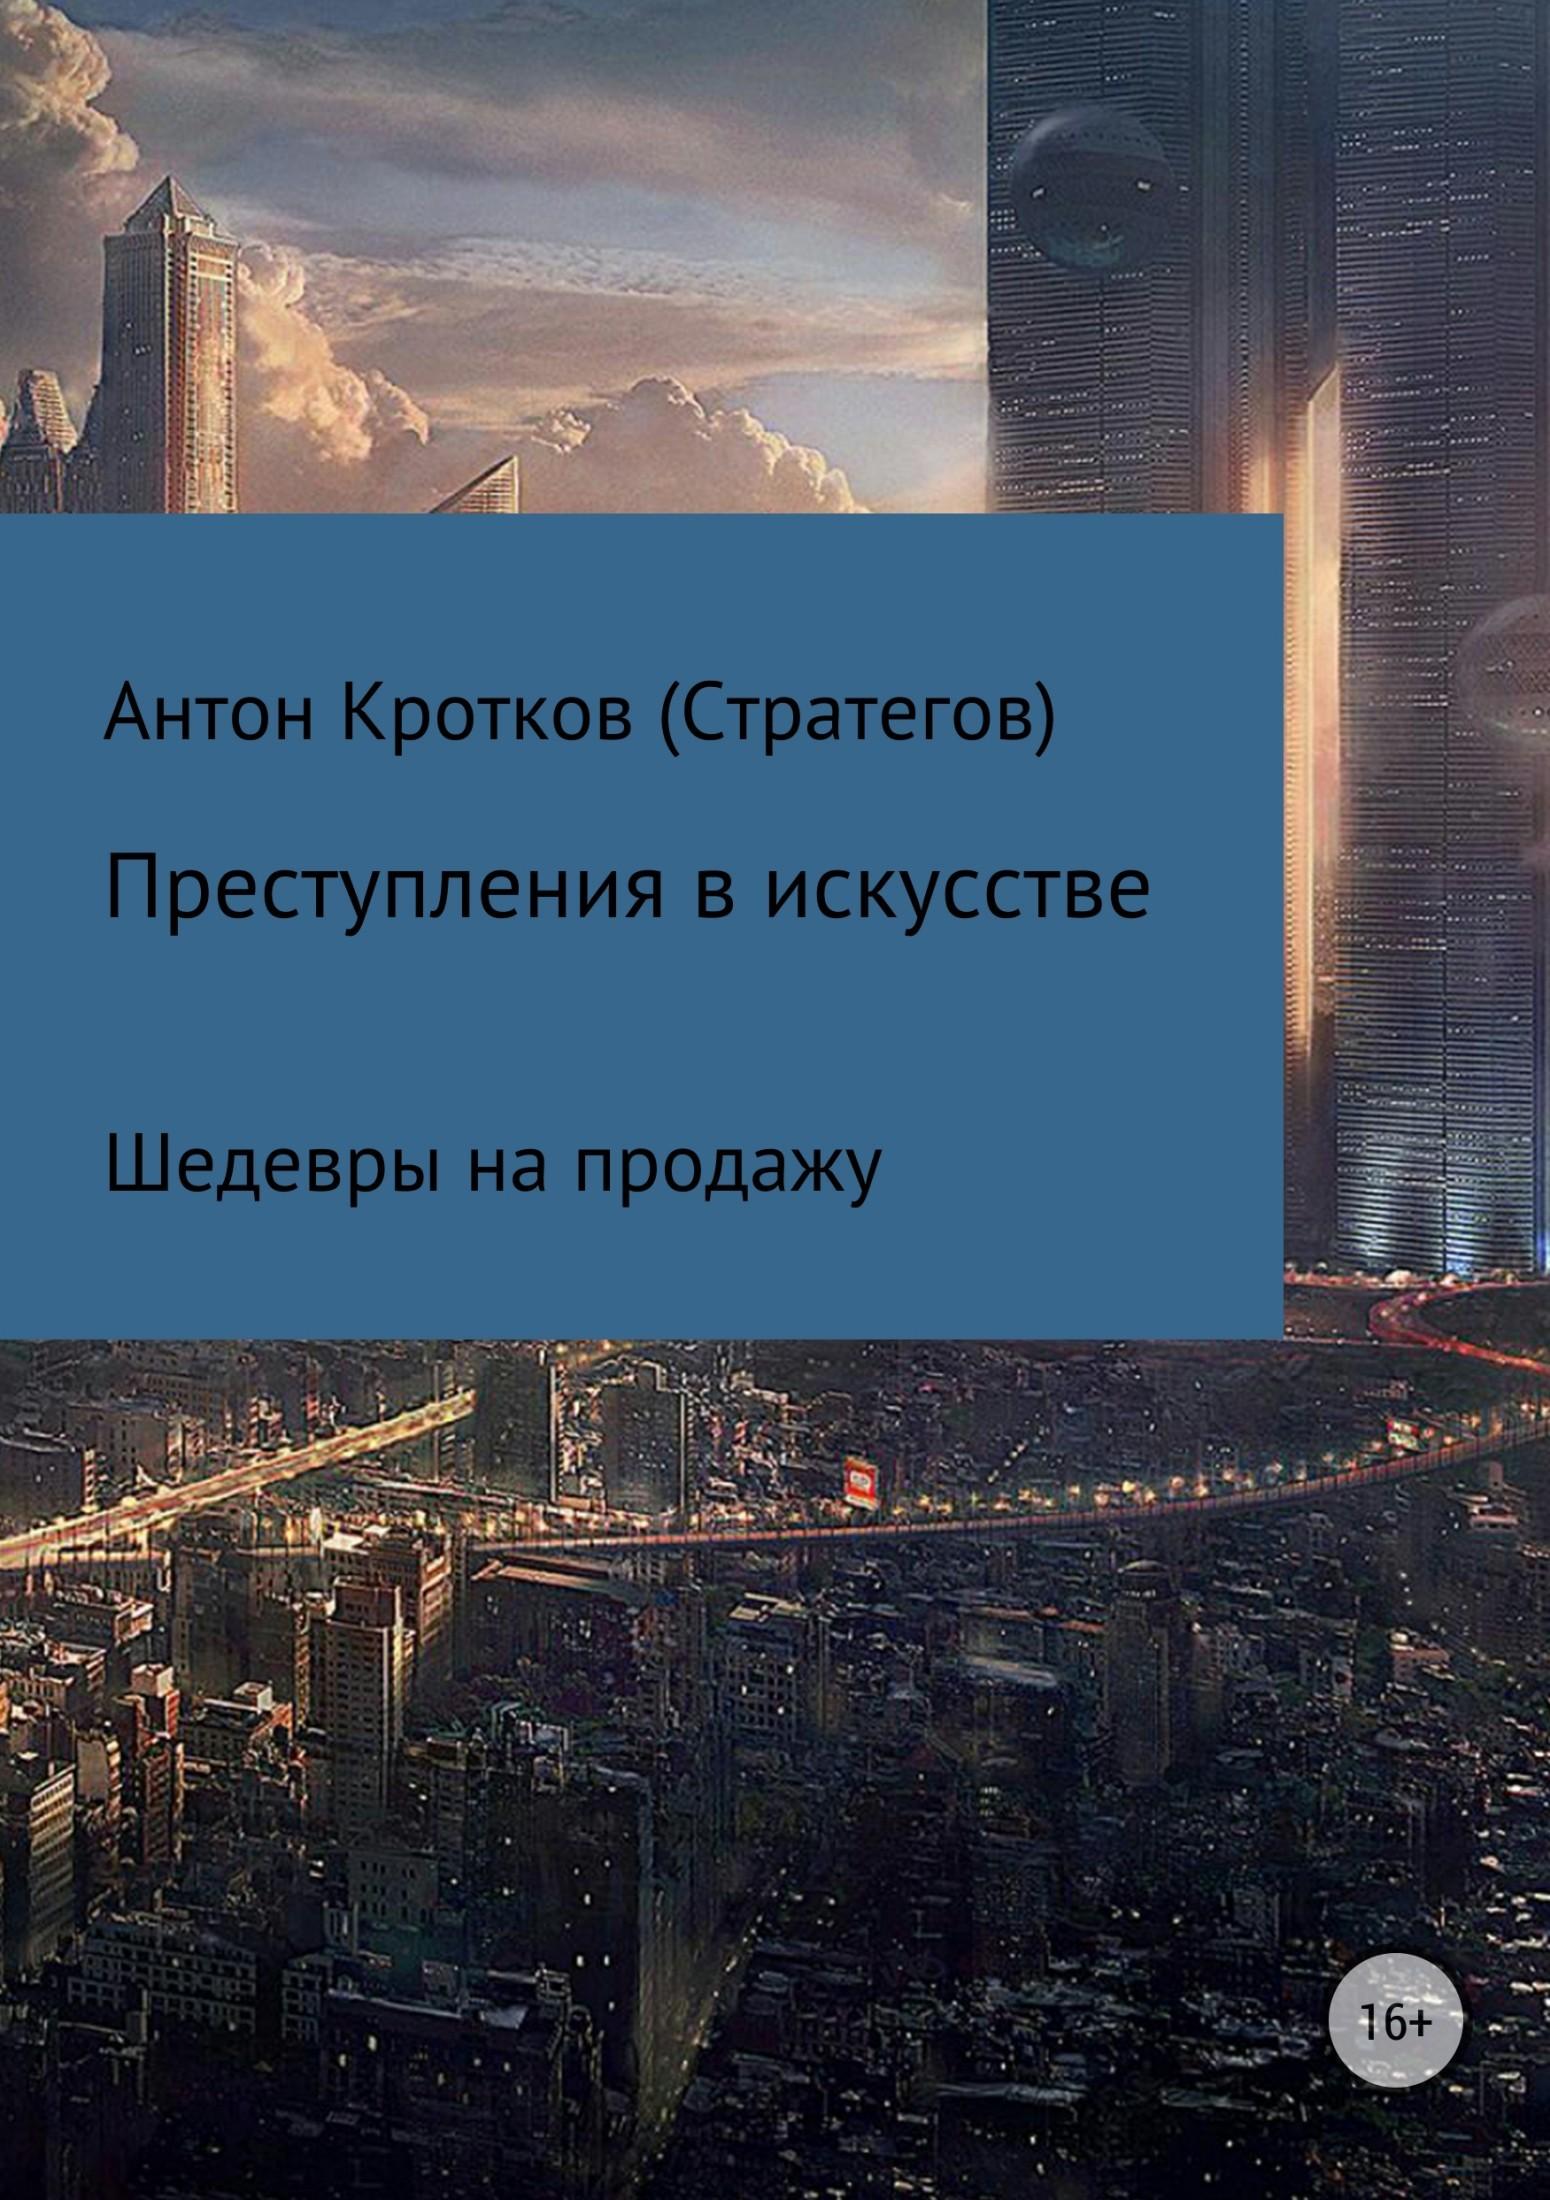 Антон Кротков (Стратегов) - Преступления в искусстве